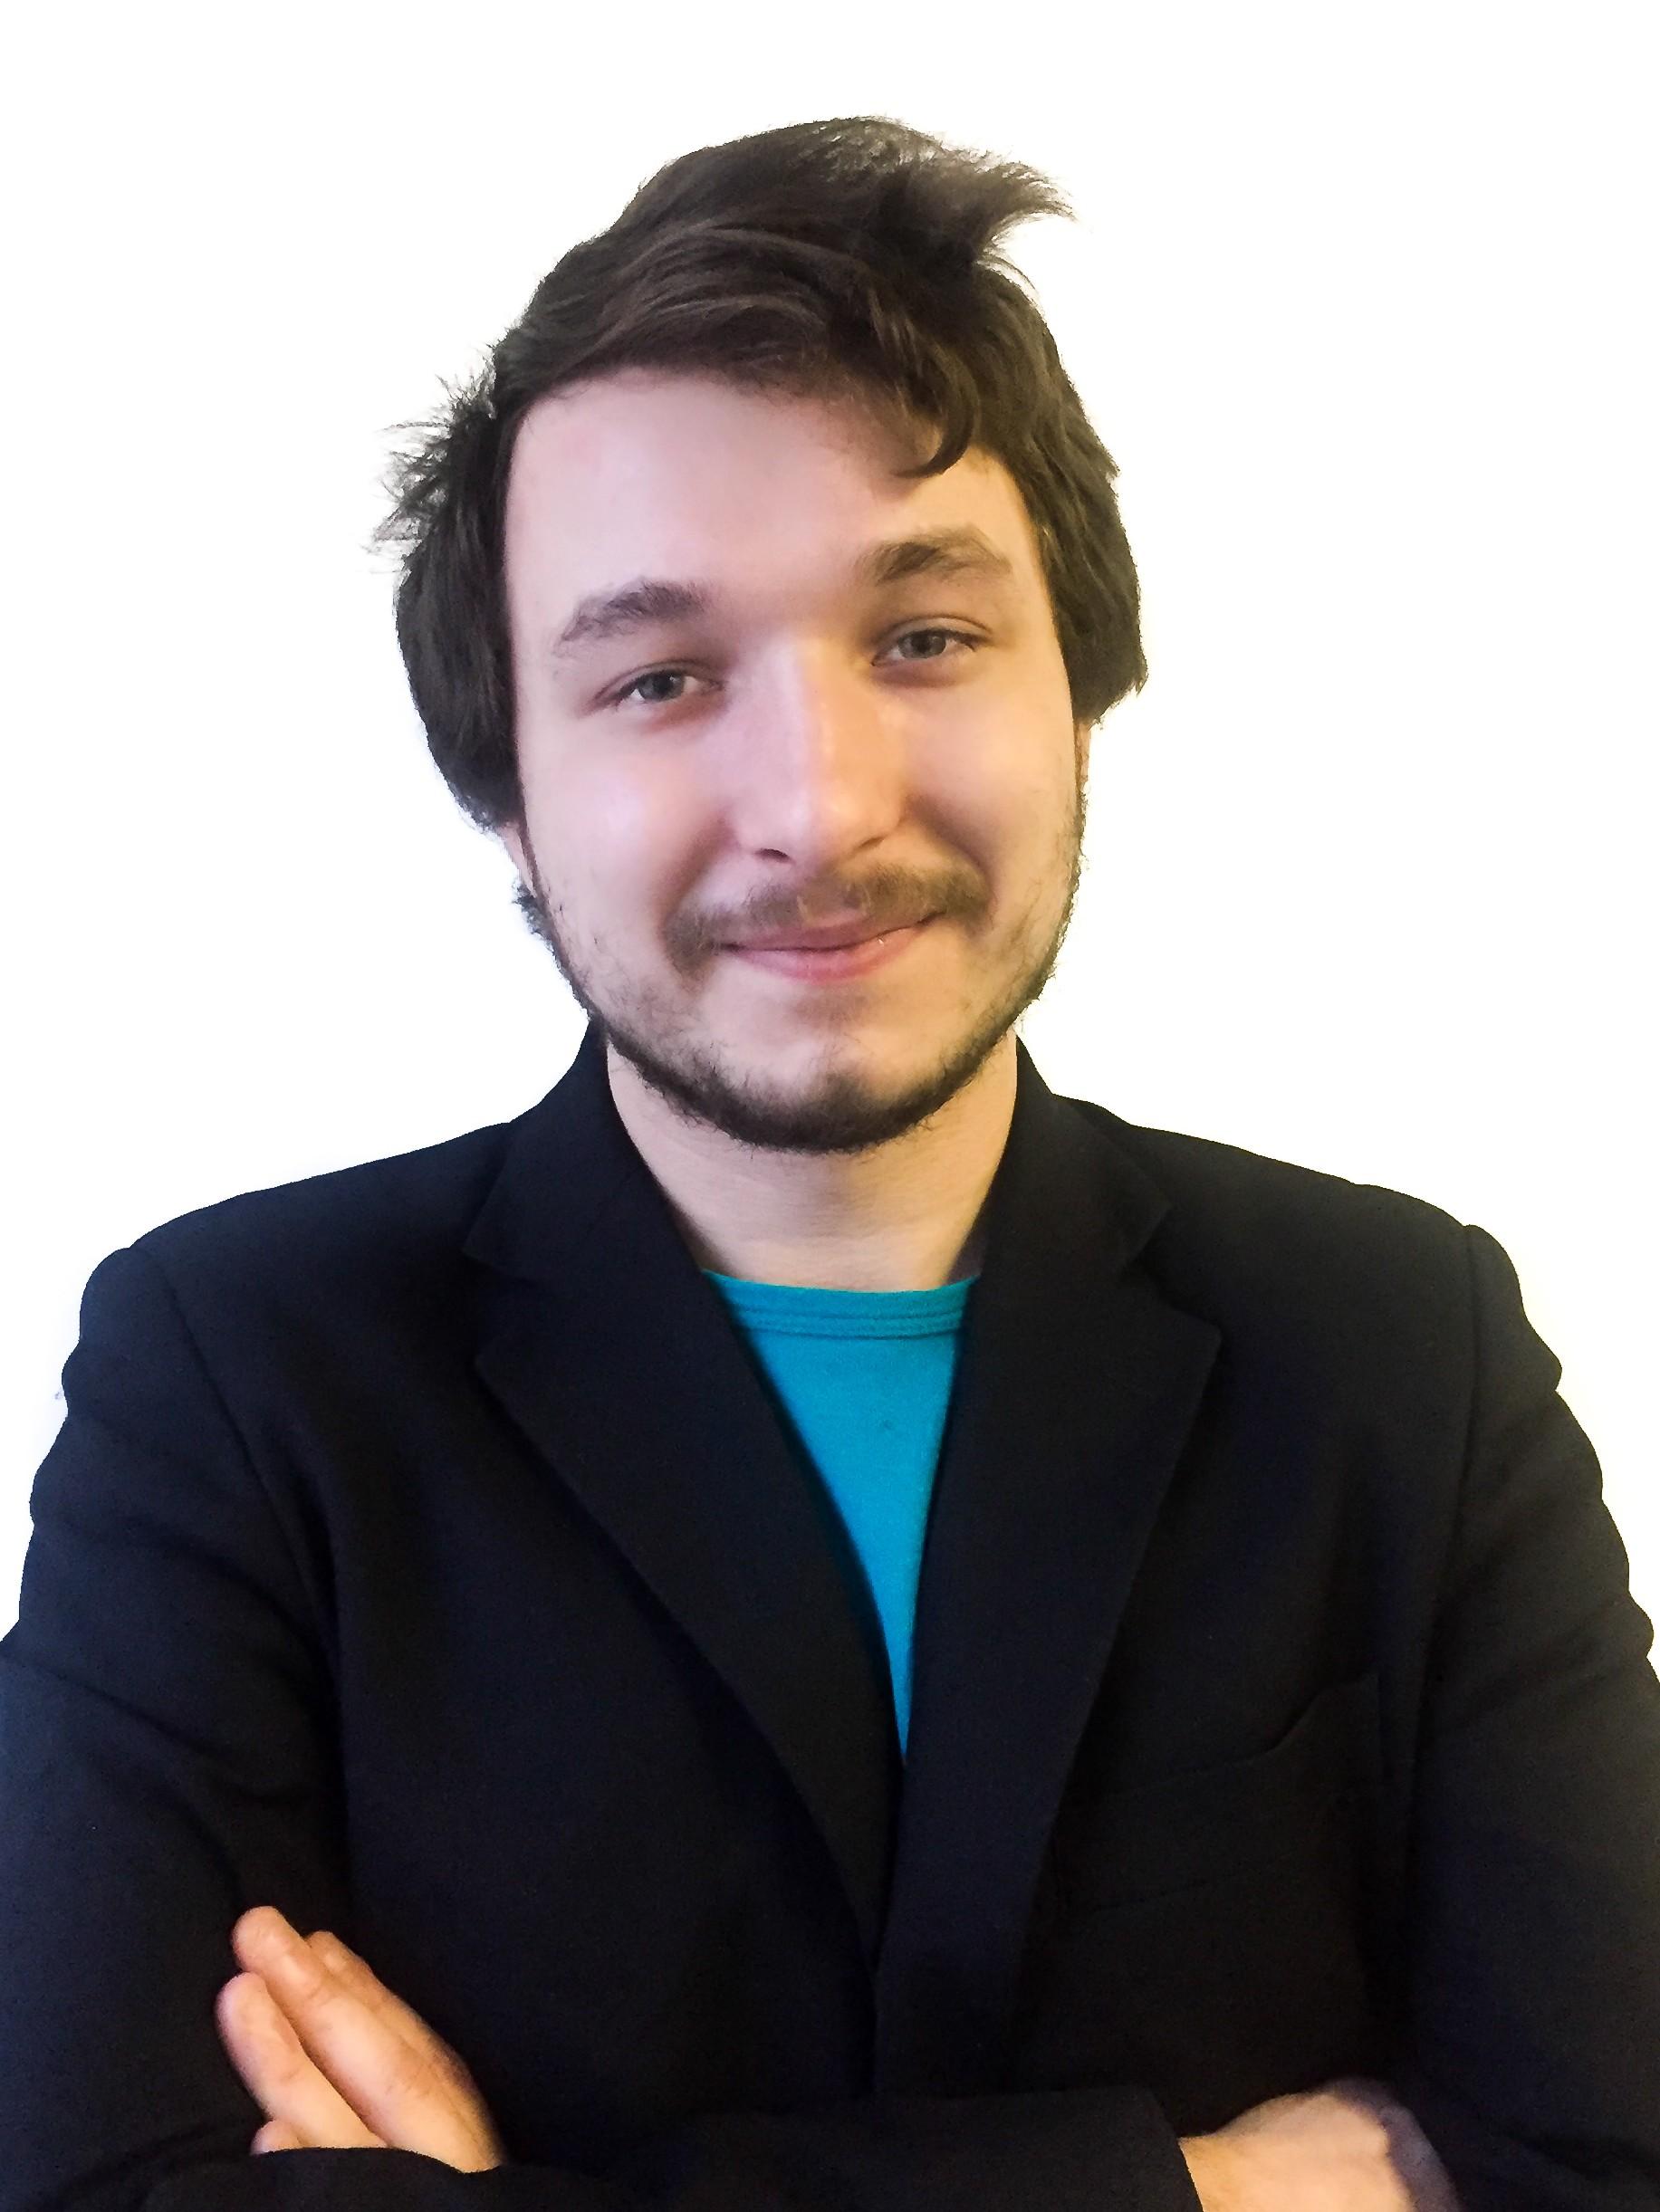 Юрий Байков Помощник юриста стаж 3 года